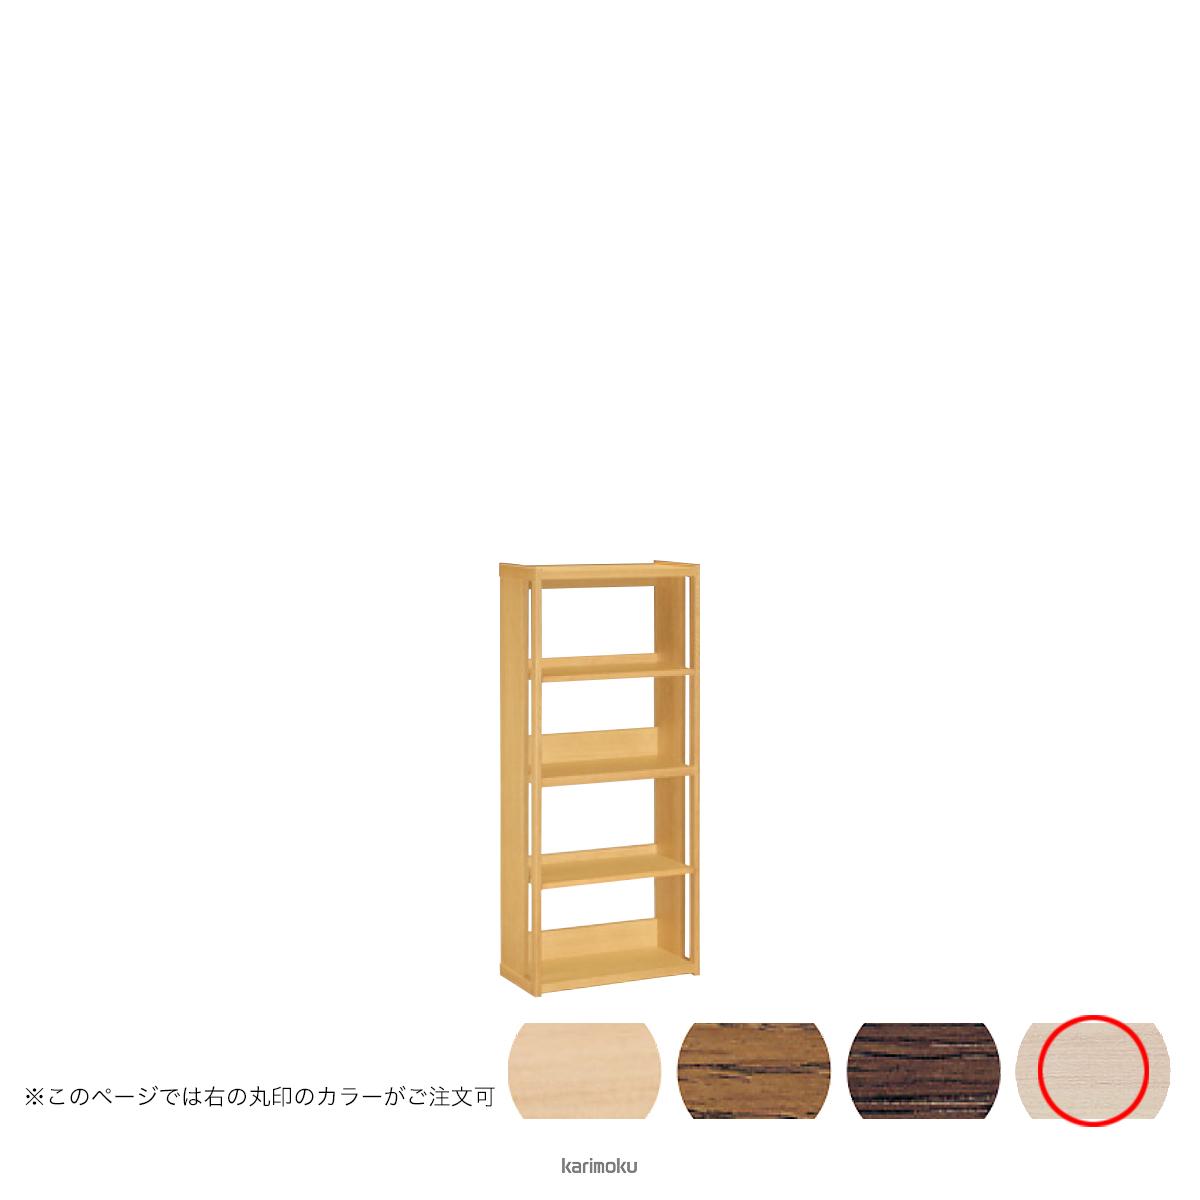 カリモク 書棚 HT2265 [オープンタイプ] (シアーホワイト色)【全国送料無料】【同梱不可】【店頭受取対応商品】